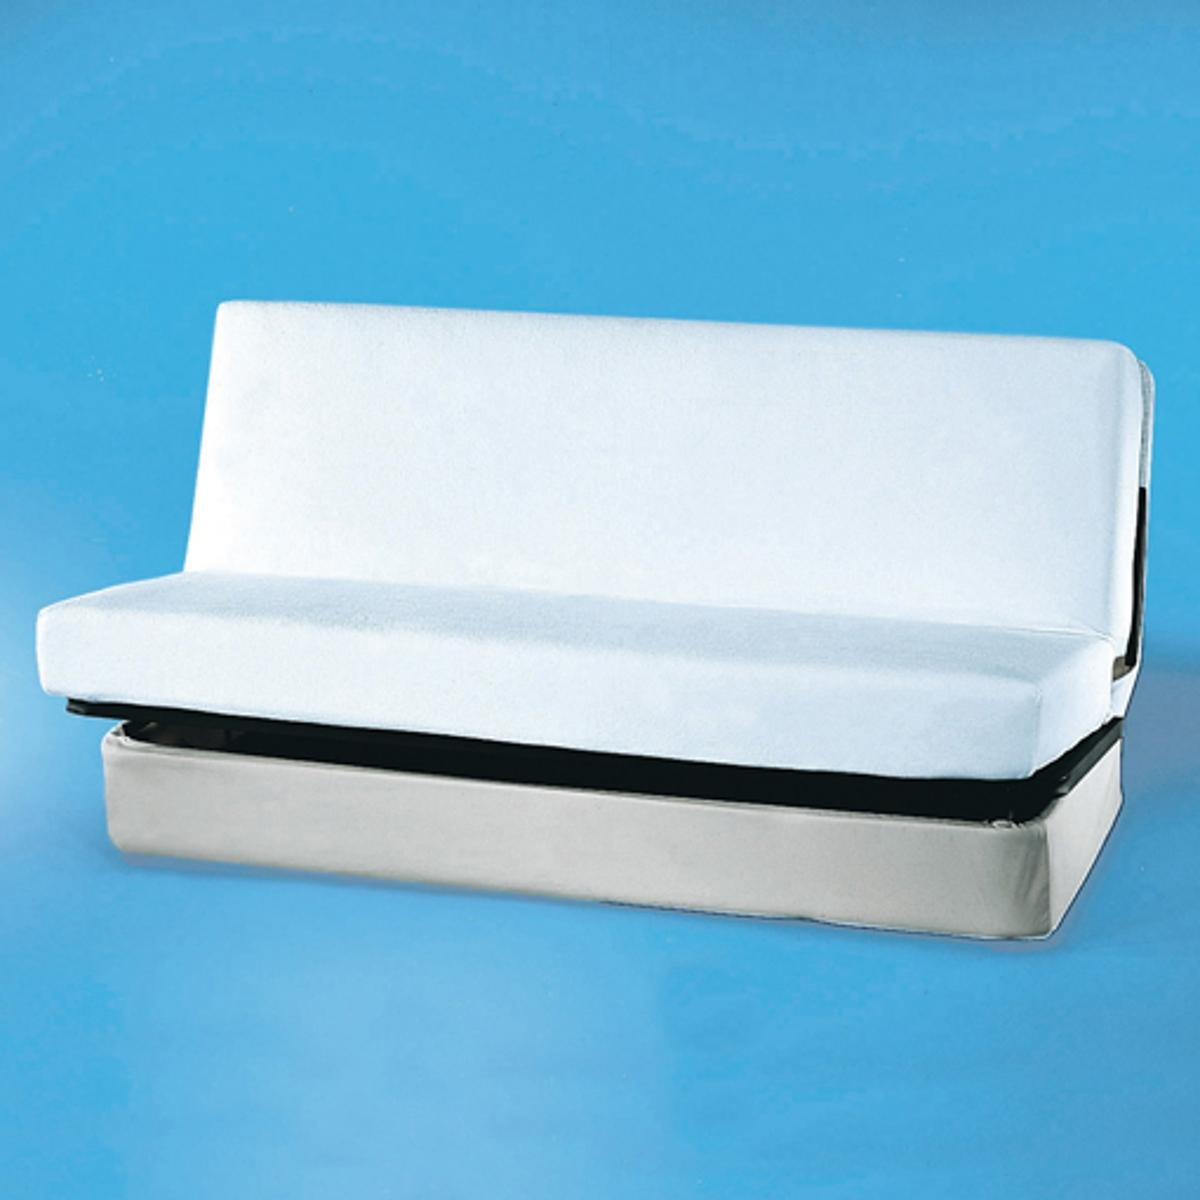 купить Защитный La Redoute Чехол из эластичной губчатой ткани для складного матраса 130 x 190 см белый дешево